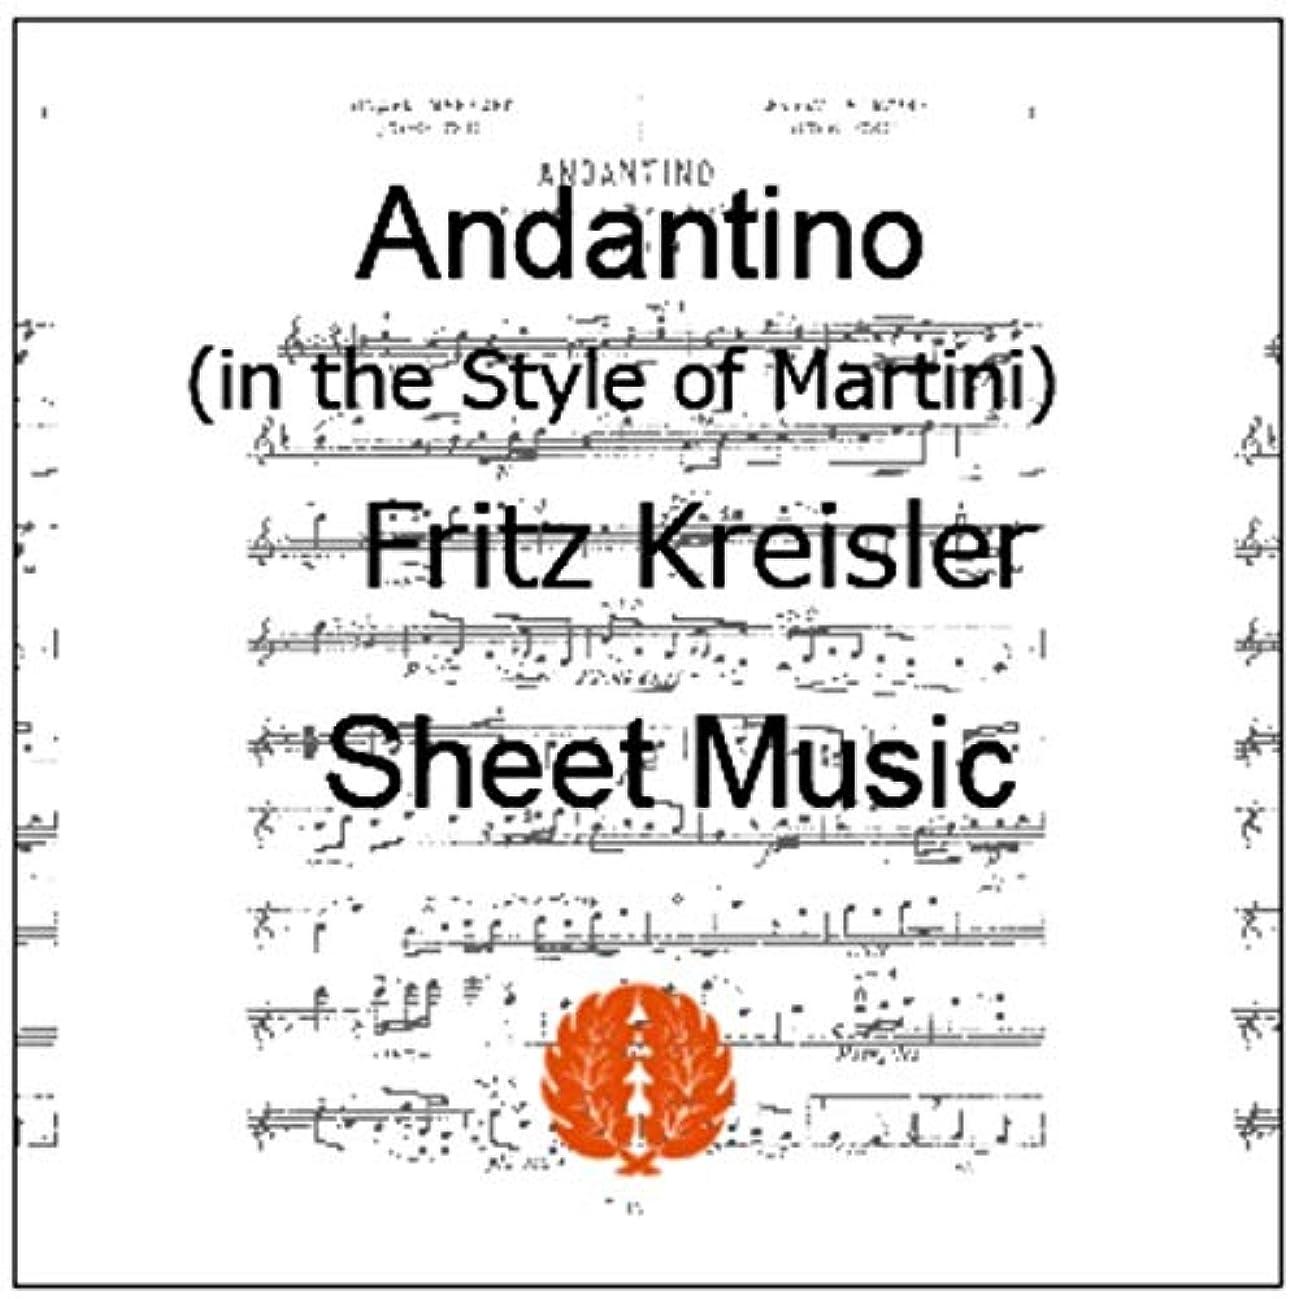 タップアクセサリー開拓者楽譜 pdf クライスラー アンダンティーノ(マルティーニ風) ヴァイオリンによる演奏用楽譜 チェロによる演奏用楽譜 ピアノ伴奏譜(共通)